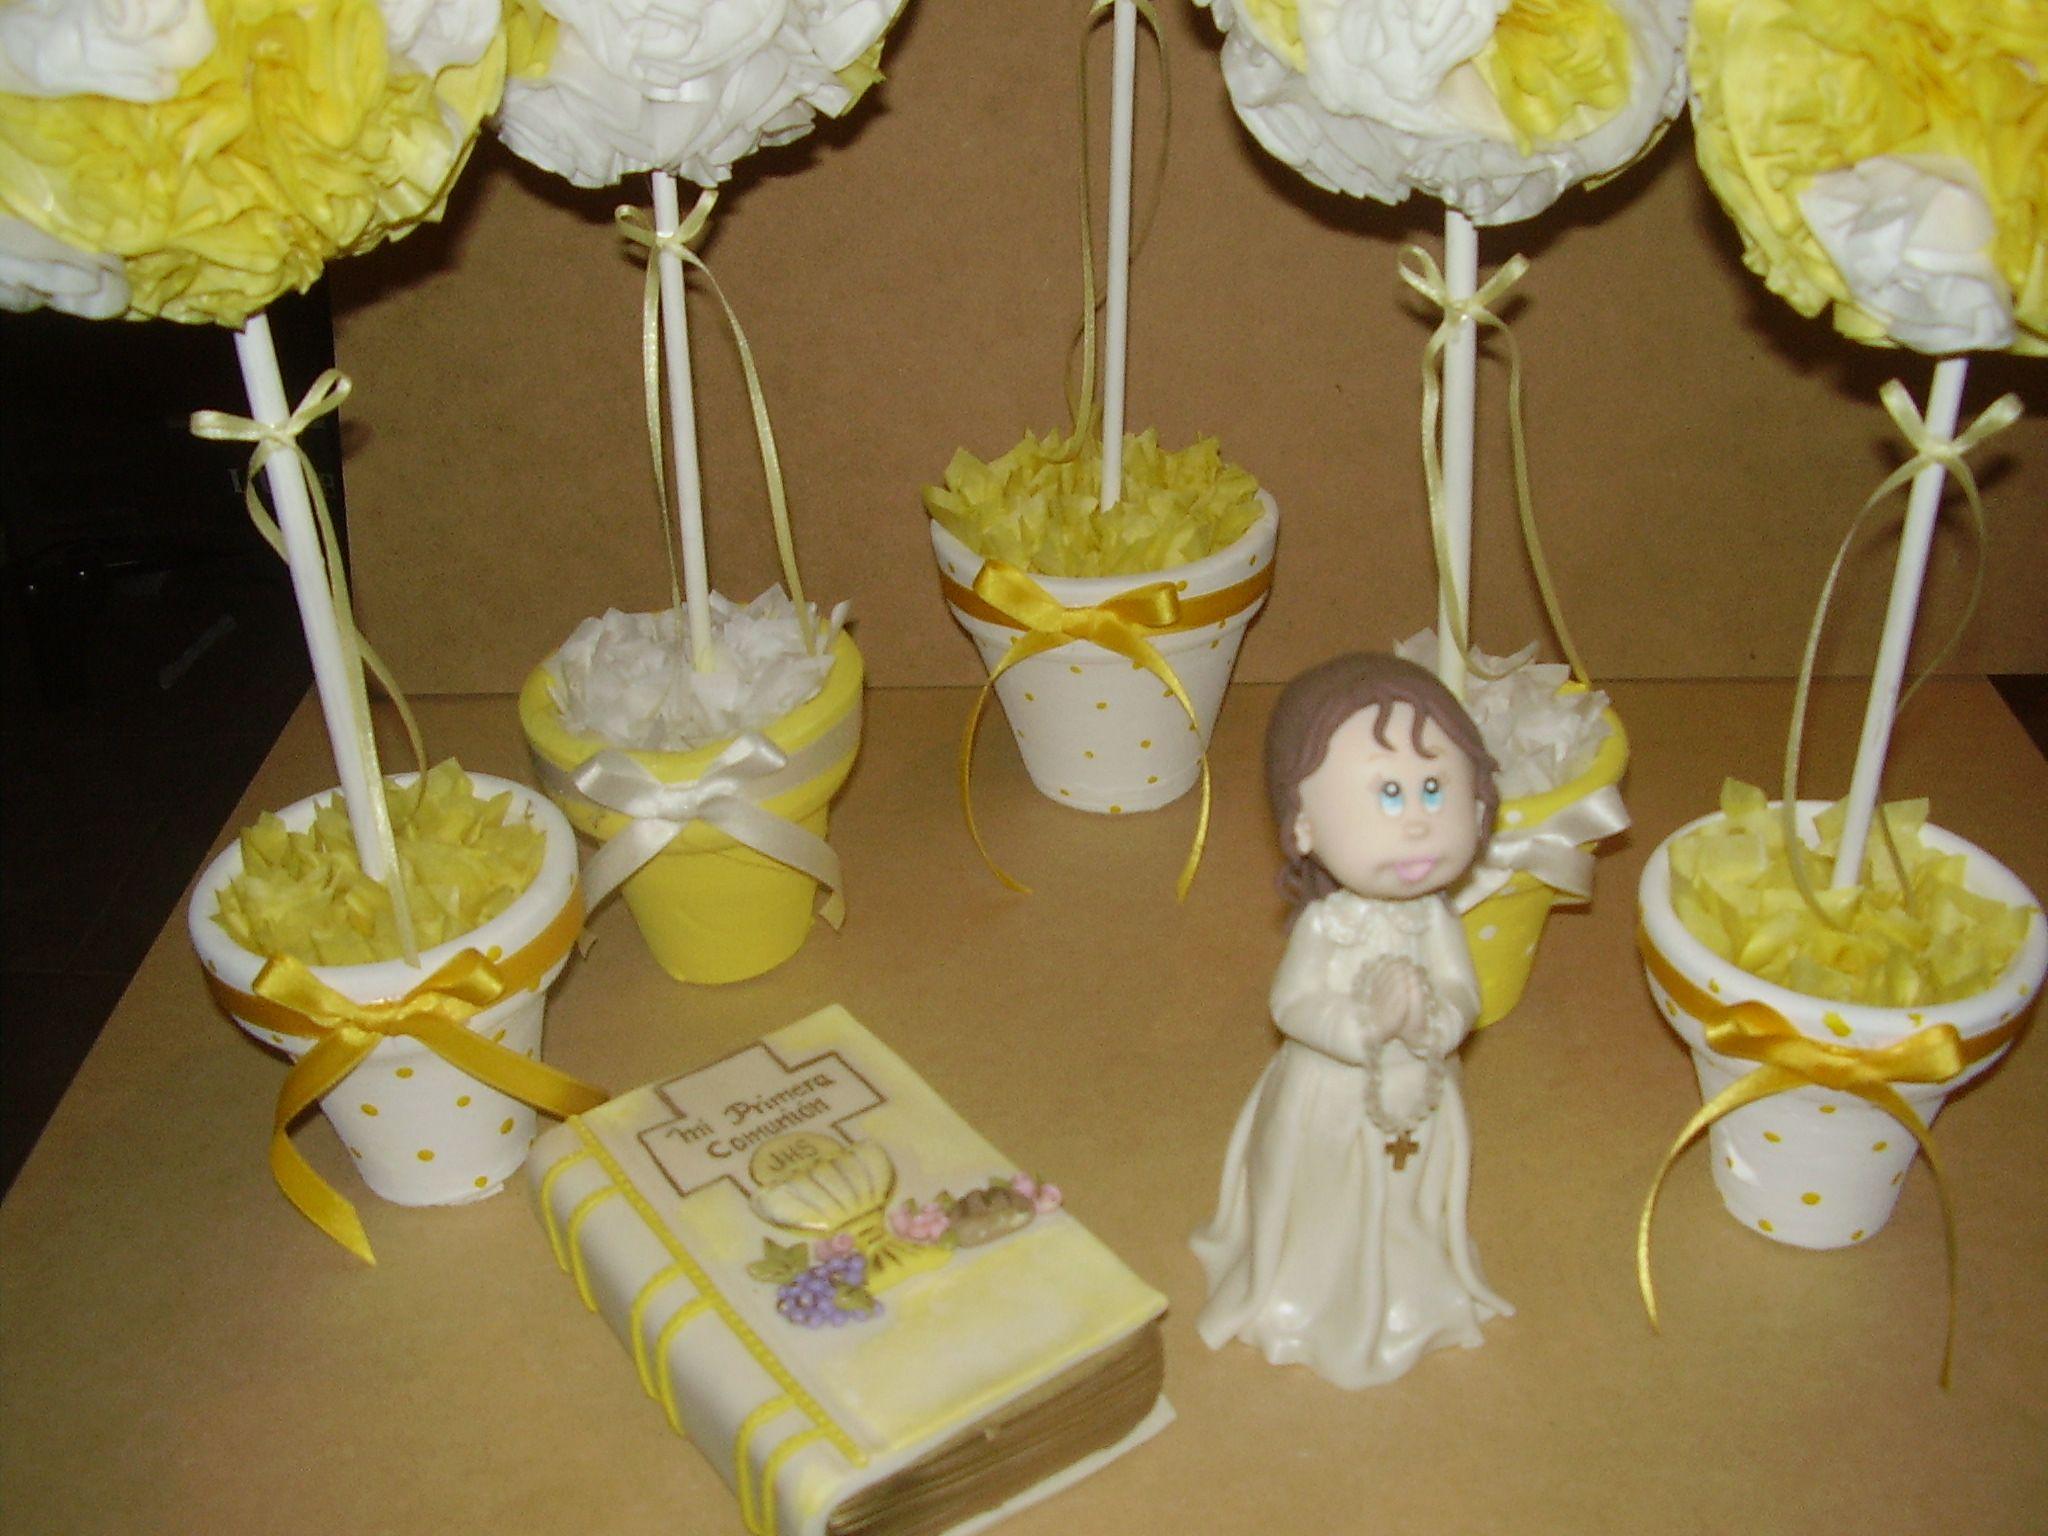 centros de mesa en papel de seda y adornos de comunin en